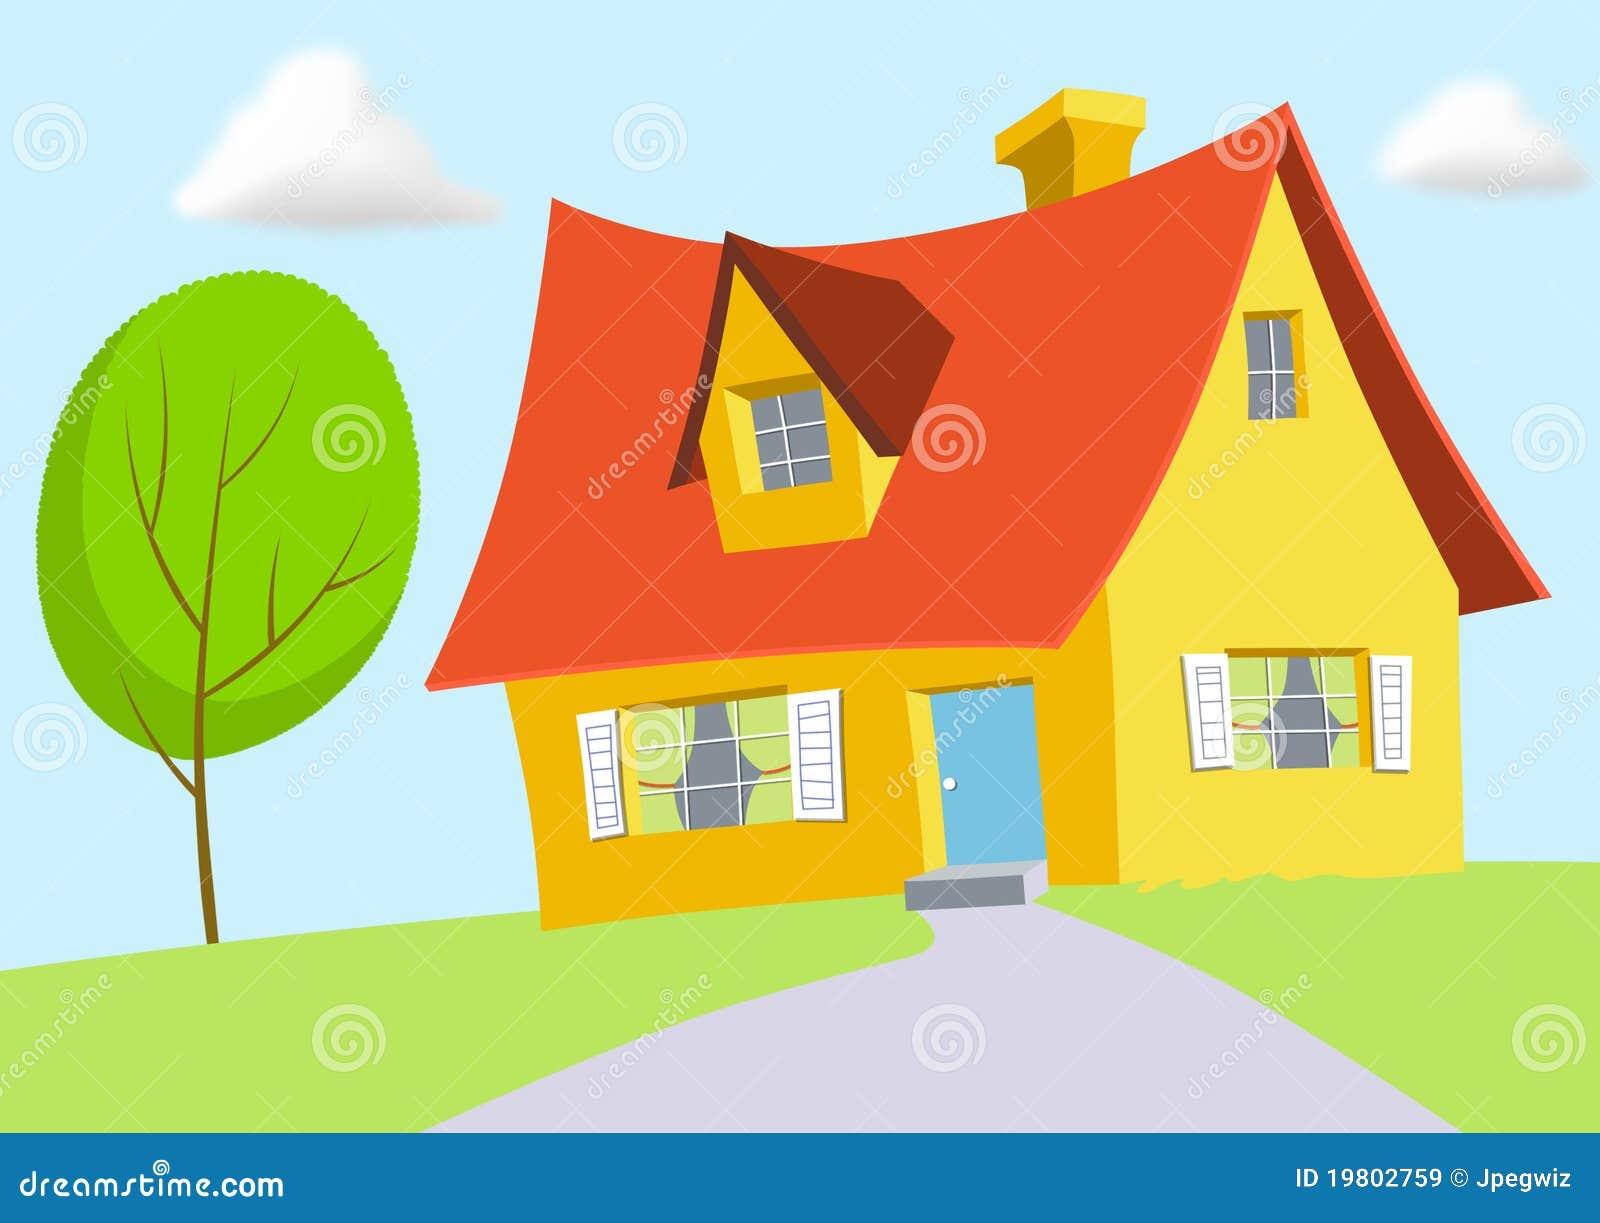 karikaturhaus lizenzfreies stockfoto - bild: 22695235, Hause und garten